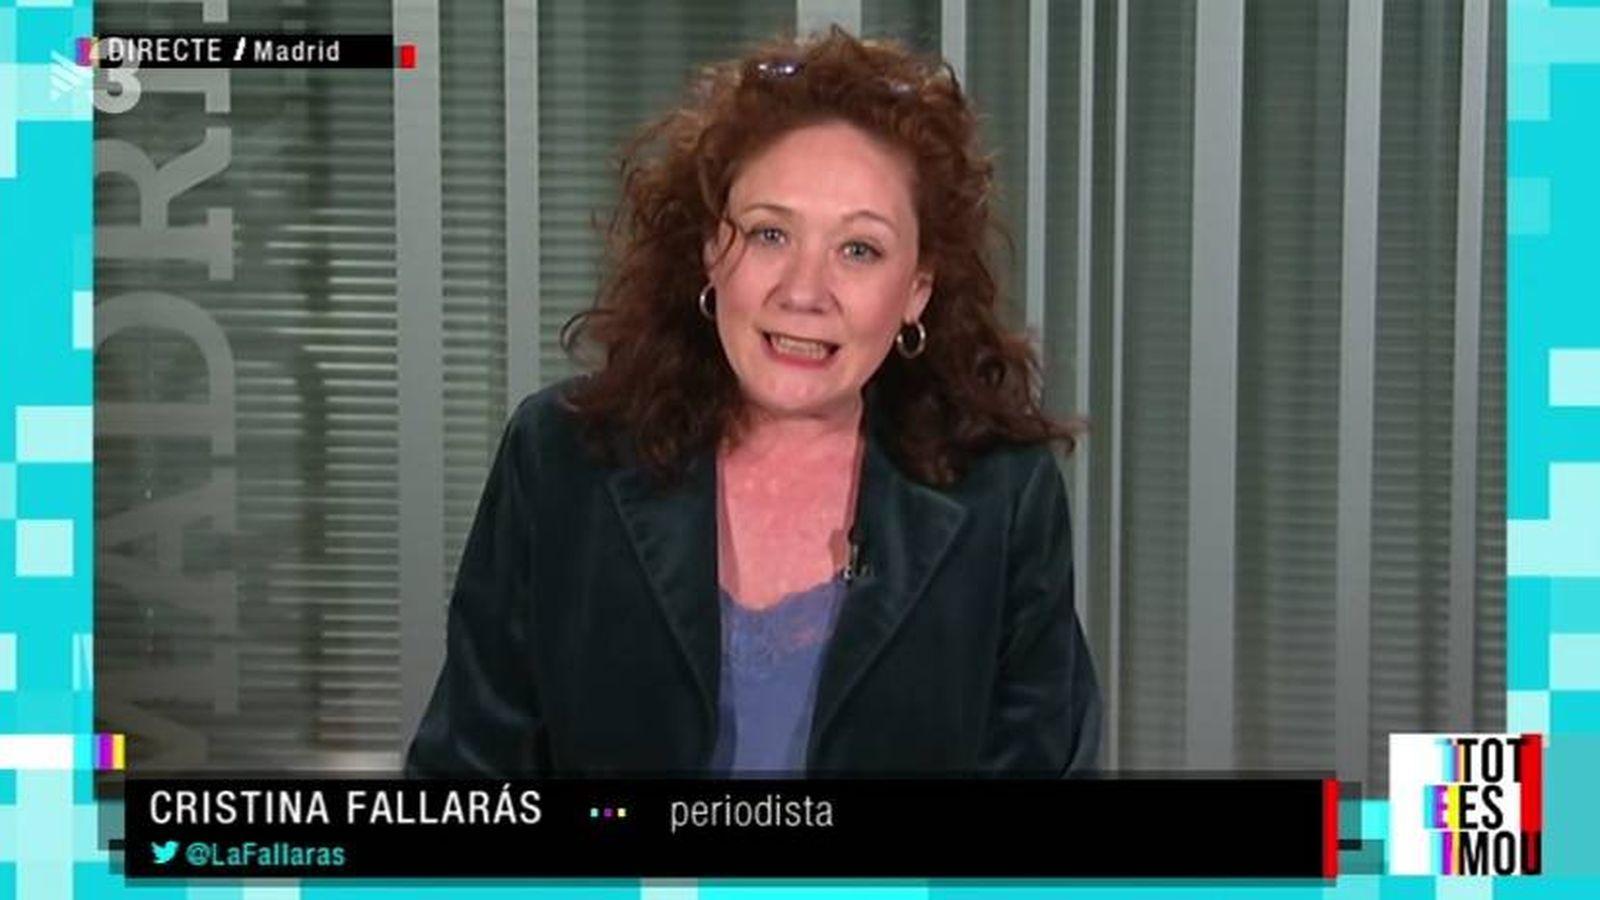 Foto: Cristina Fallarás, en el programa 'Tot es mou'. (TV3).